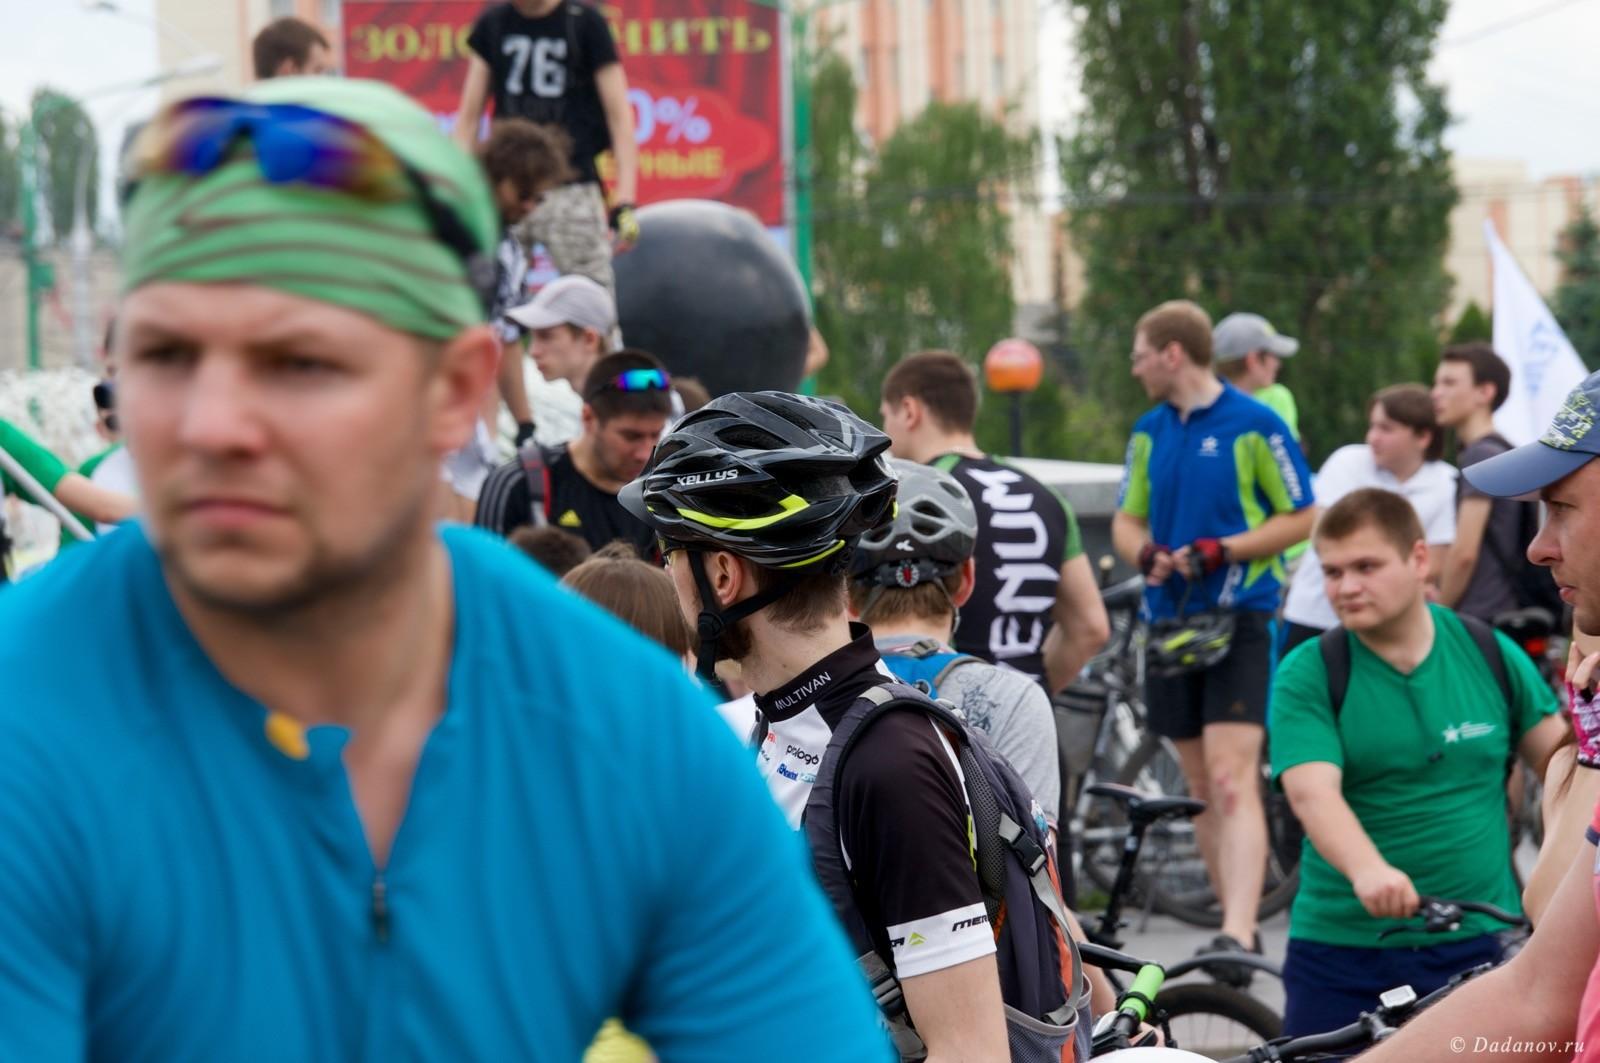 Велодень 2016 в Липецке состоялся. Фотографии с мероприятия 3069